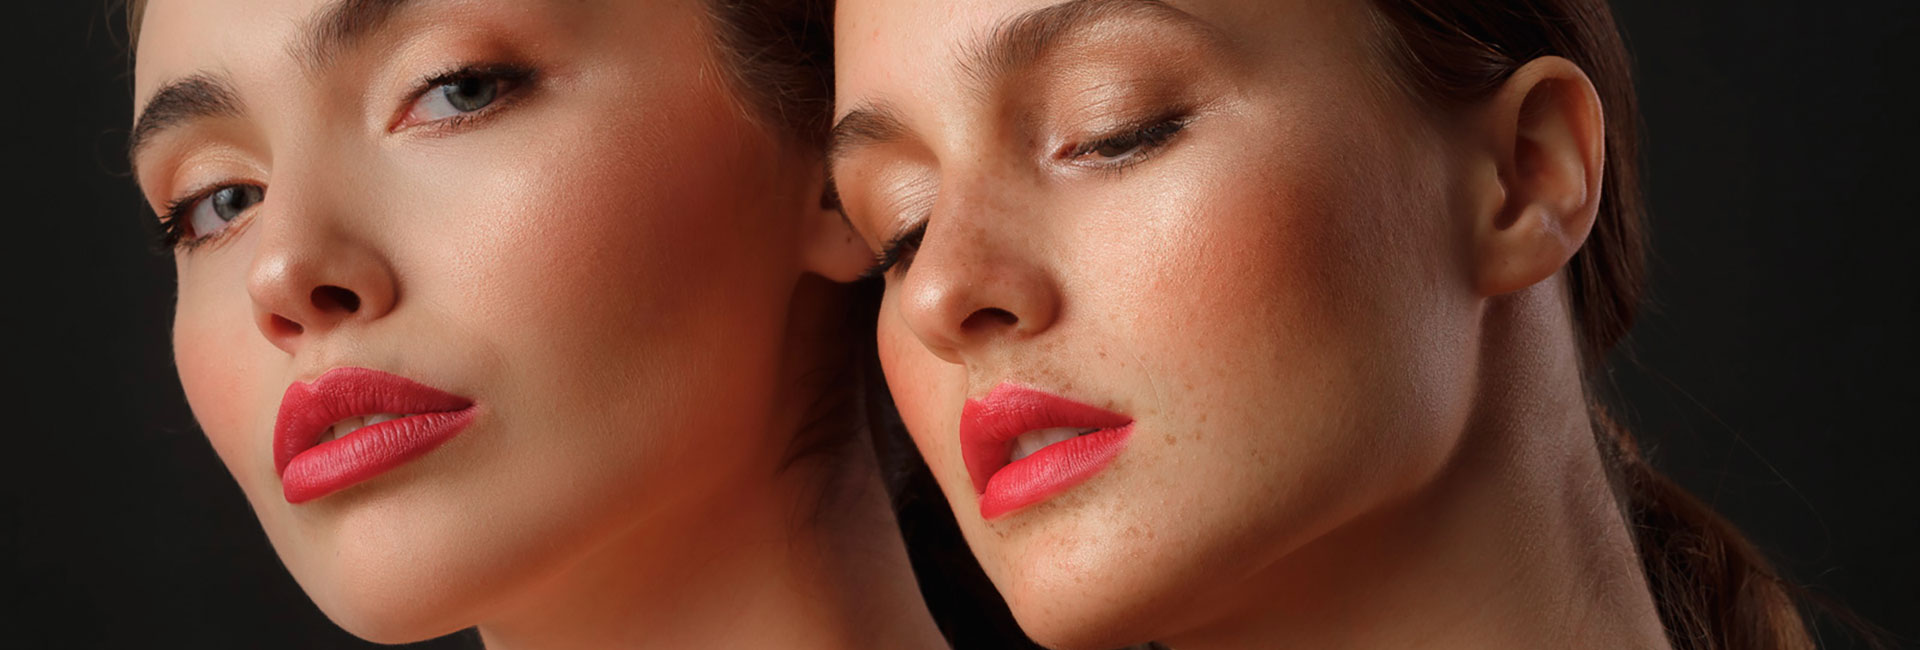 Kako našminkati usne bez greške i postići savršeno zavodljiv izgled